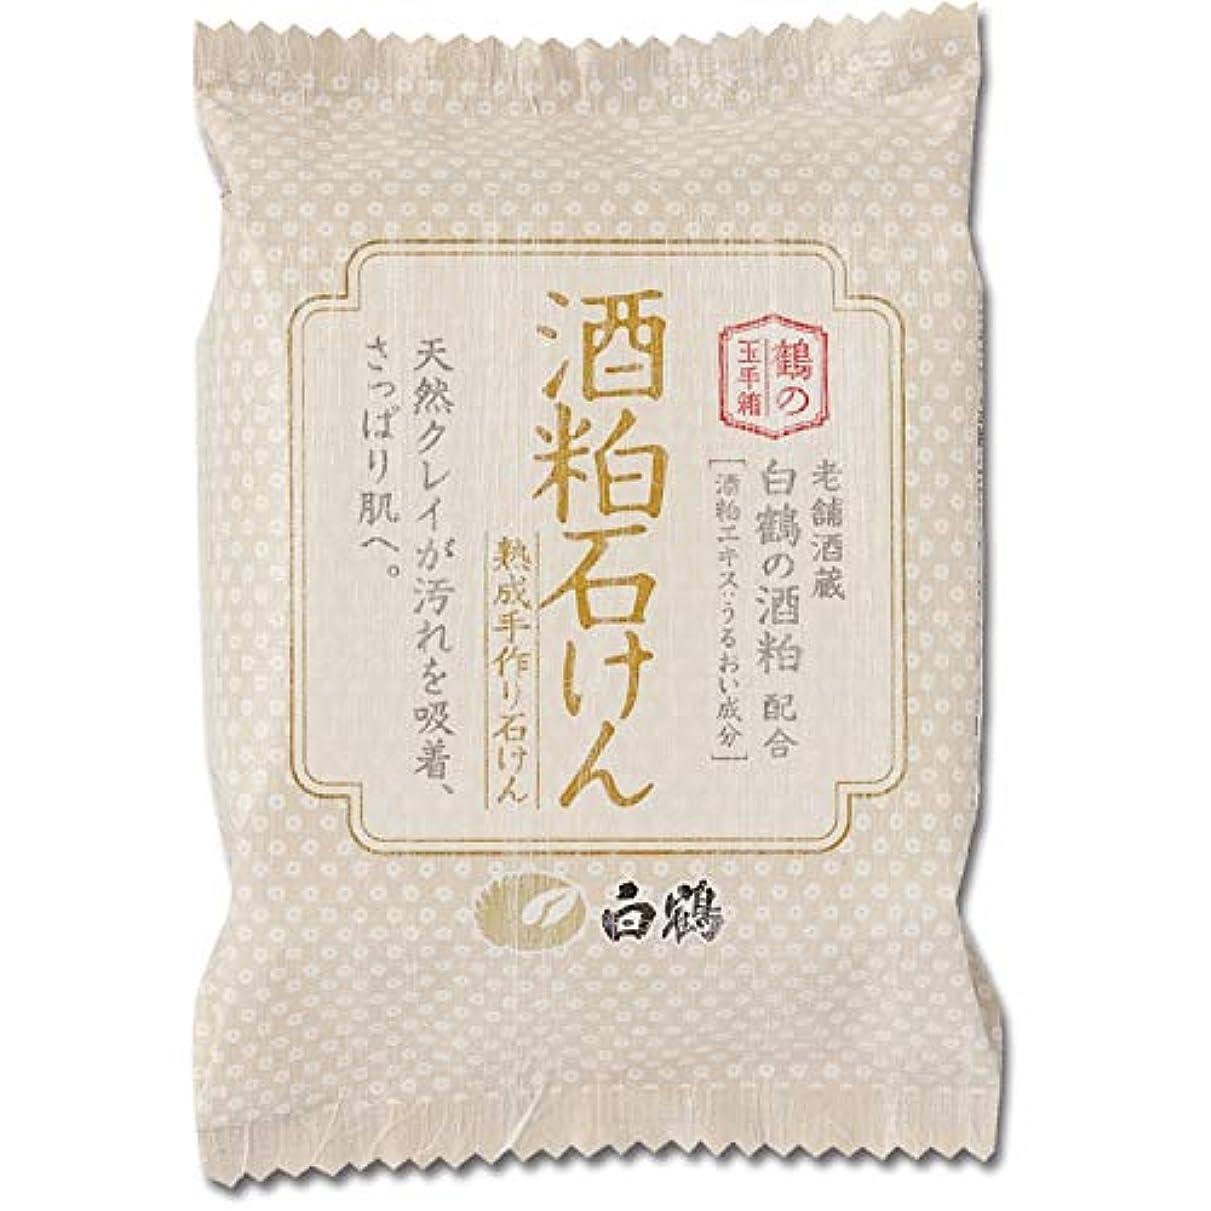 約回路変成器白鶴 鶴の玉手箱 酒粕石けん 100g (全身用石鹸)